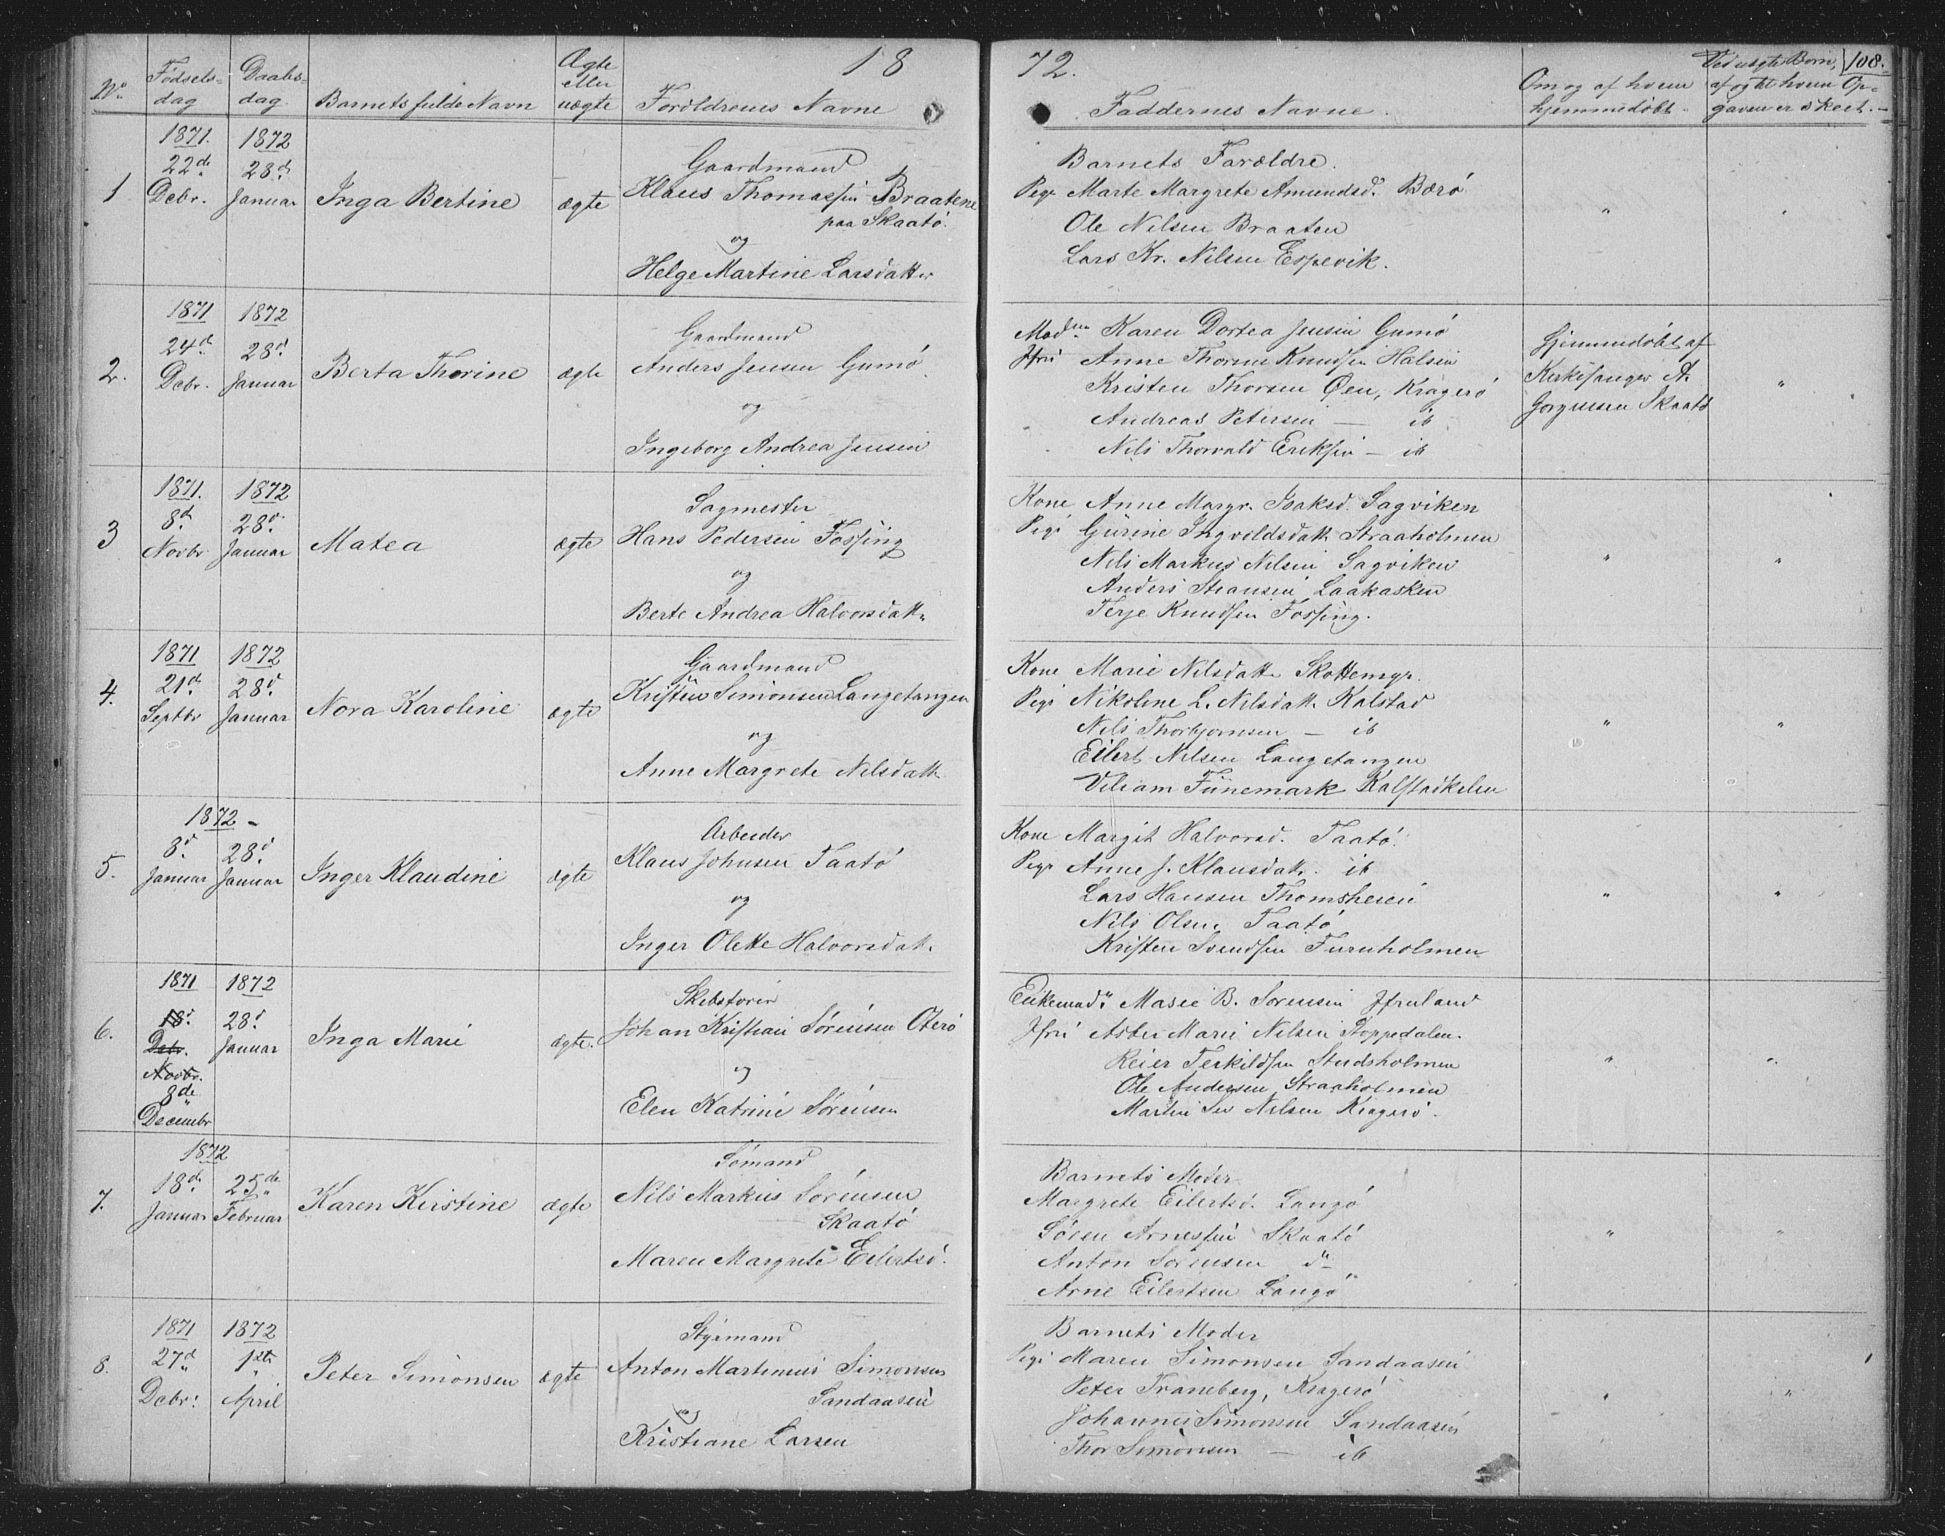 SAKO, Skåtøy kirkebøker, G/Ga/L0001: Klokkerbok nr. I 1, 1862-1872, s. 108